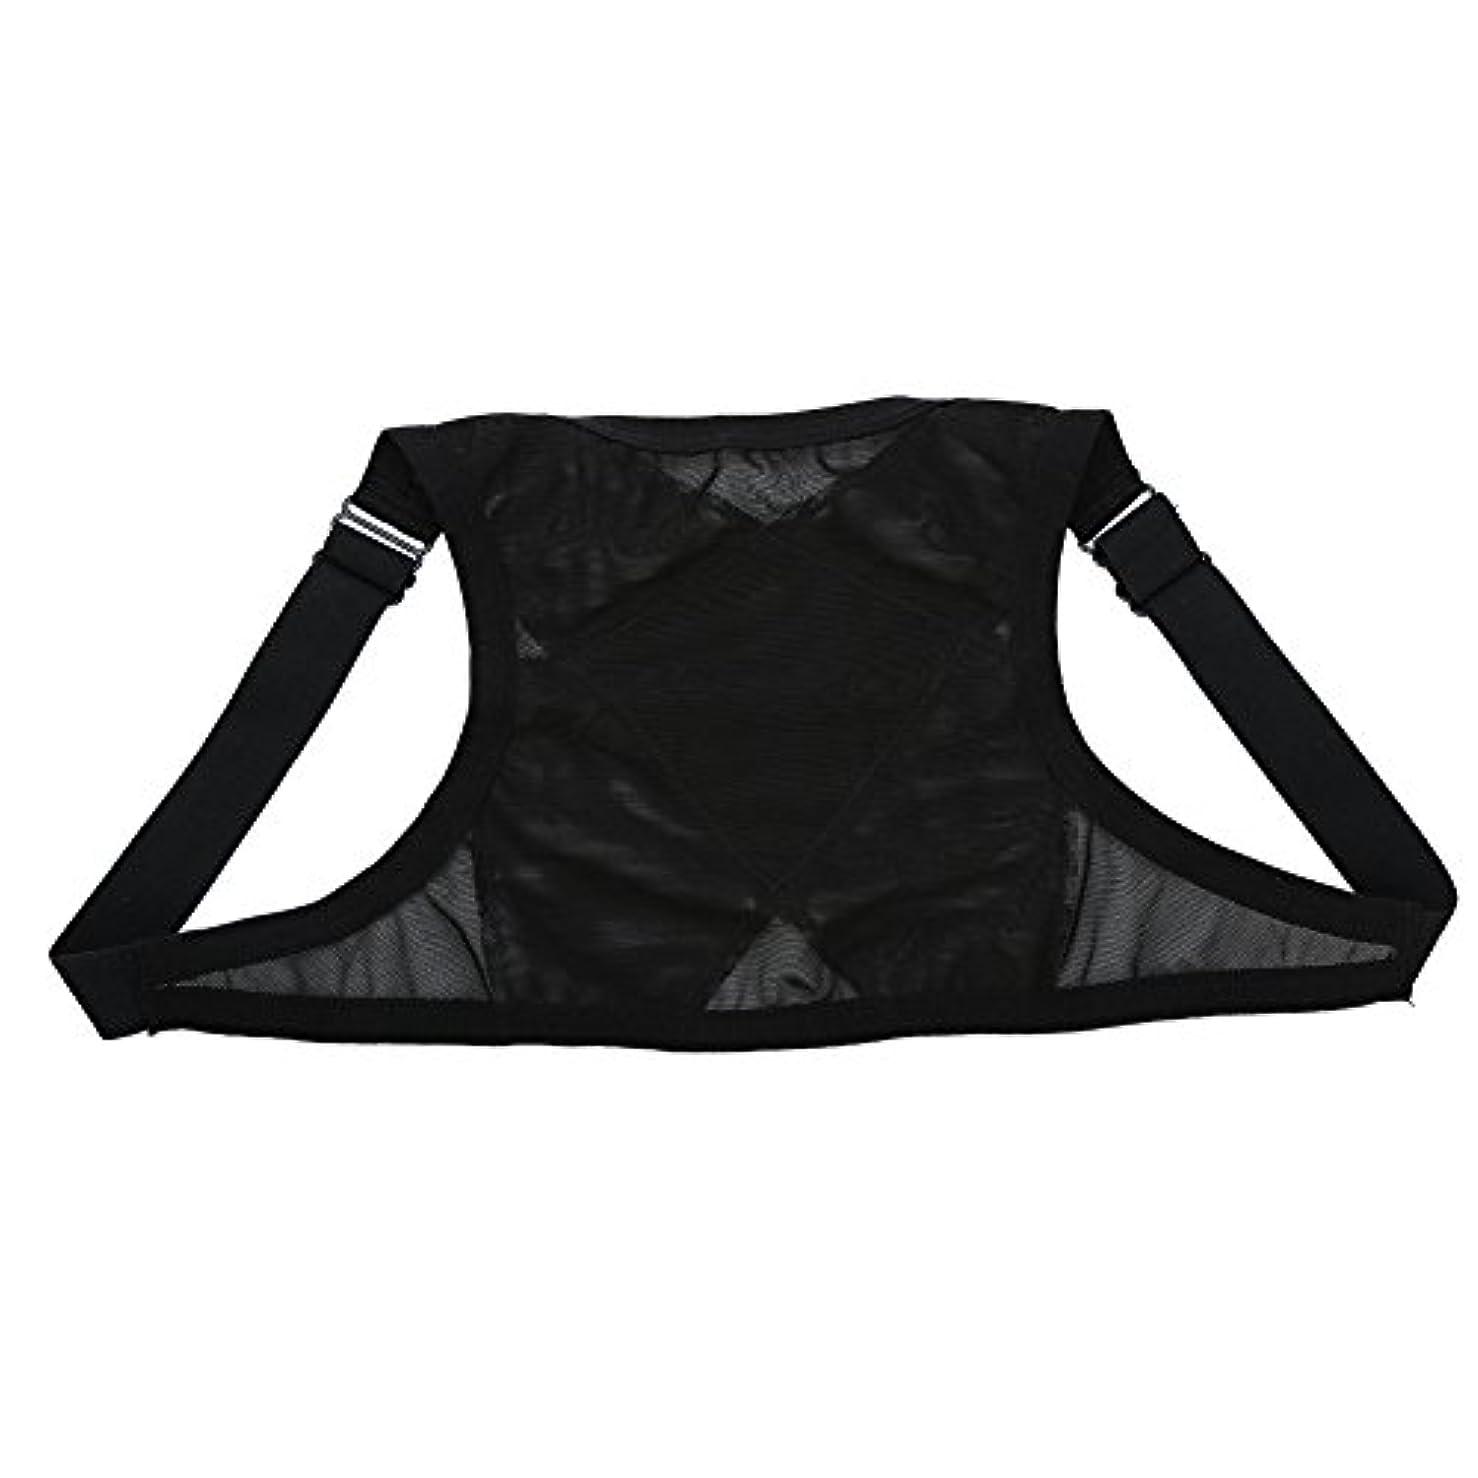 生む遅らせるスロープ姿勢矯正具、整形外科用矯正具、肩の体位の矯正、整形外科用こぶの軽減のための包帯矯正具、青年用(M)